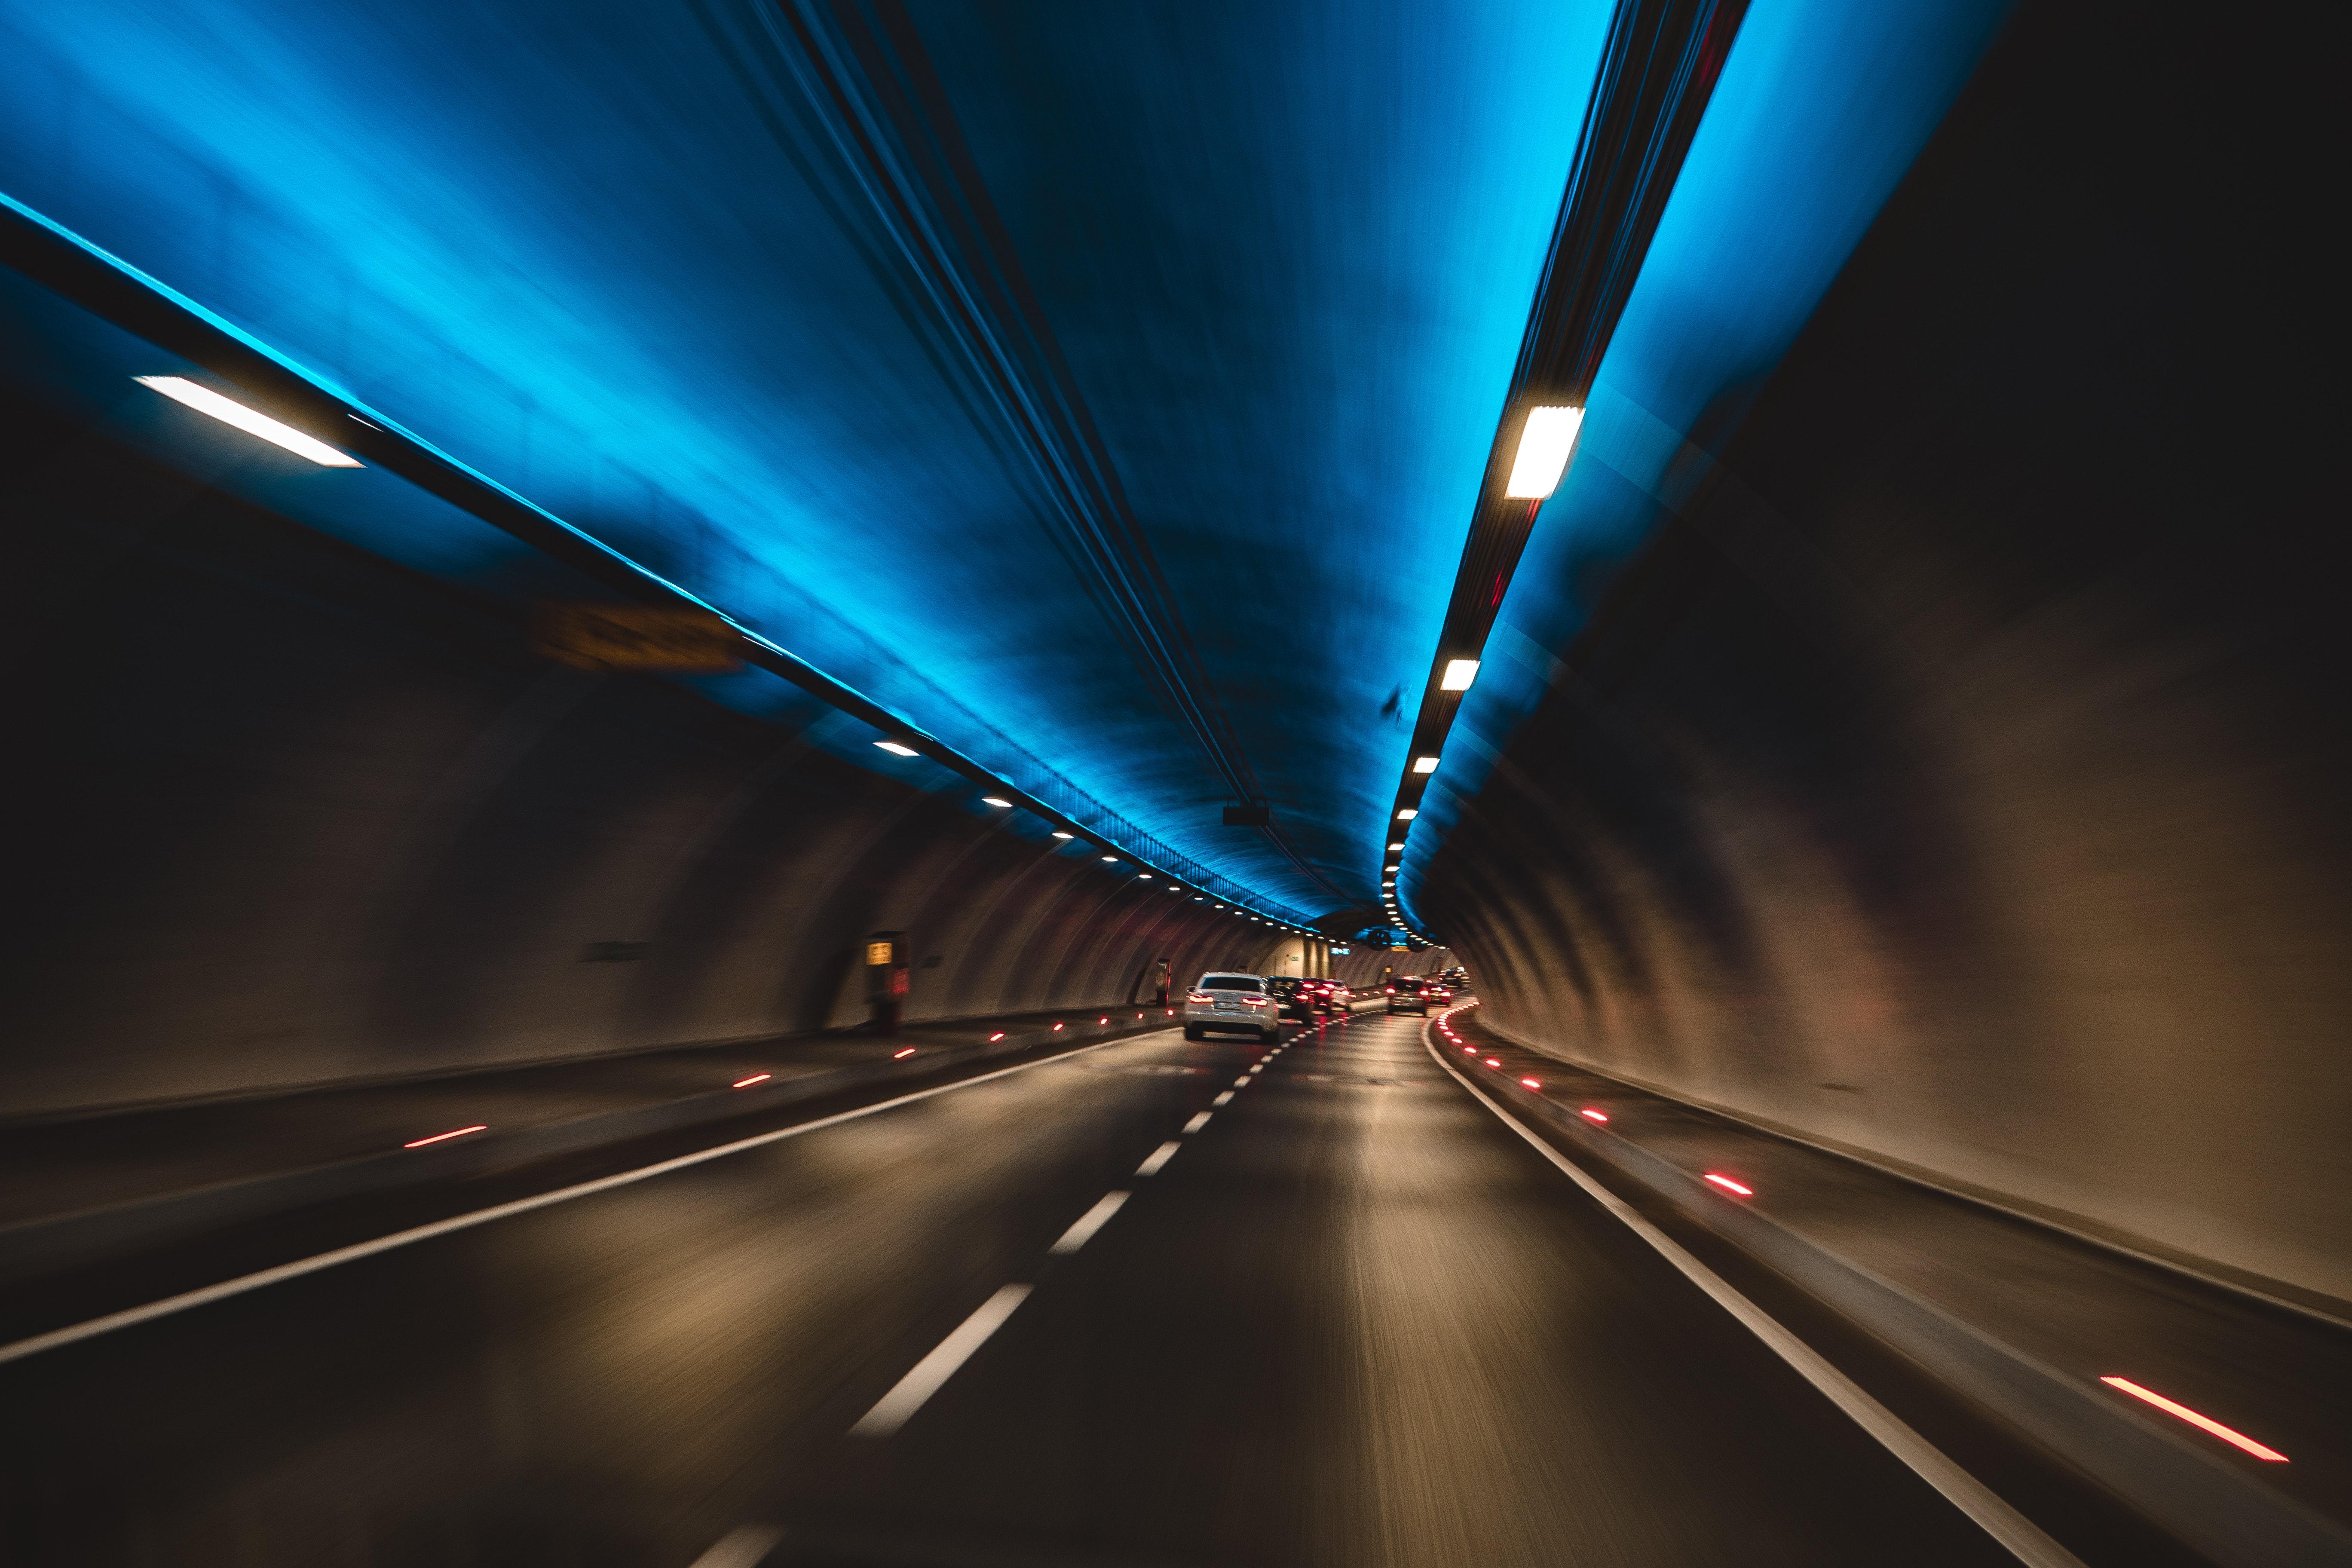 152023 завантажити шпалери Міста, Рух, Підсвічування, Освітлення, Швидкість, Автомобілі, Автомобілів, Тунель - заставки і картинки безкоштовно